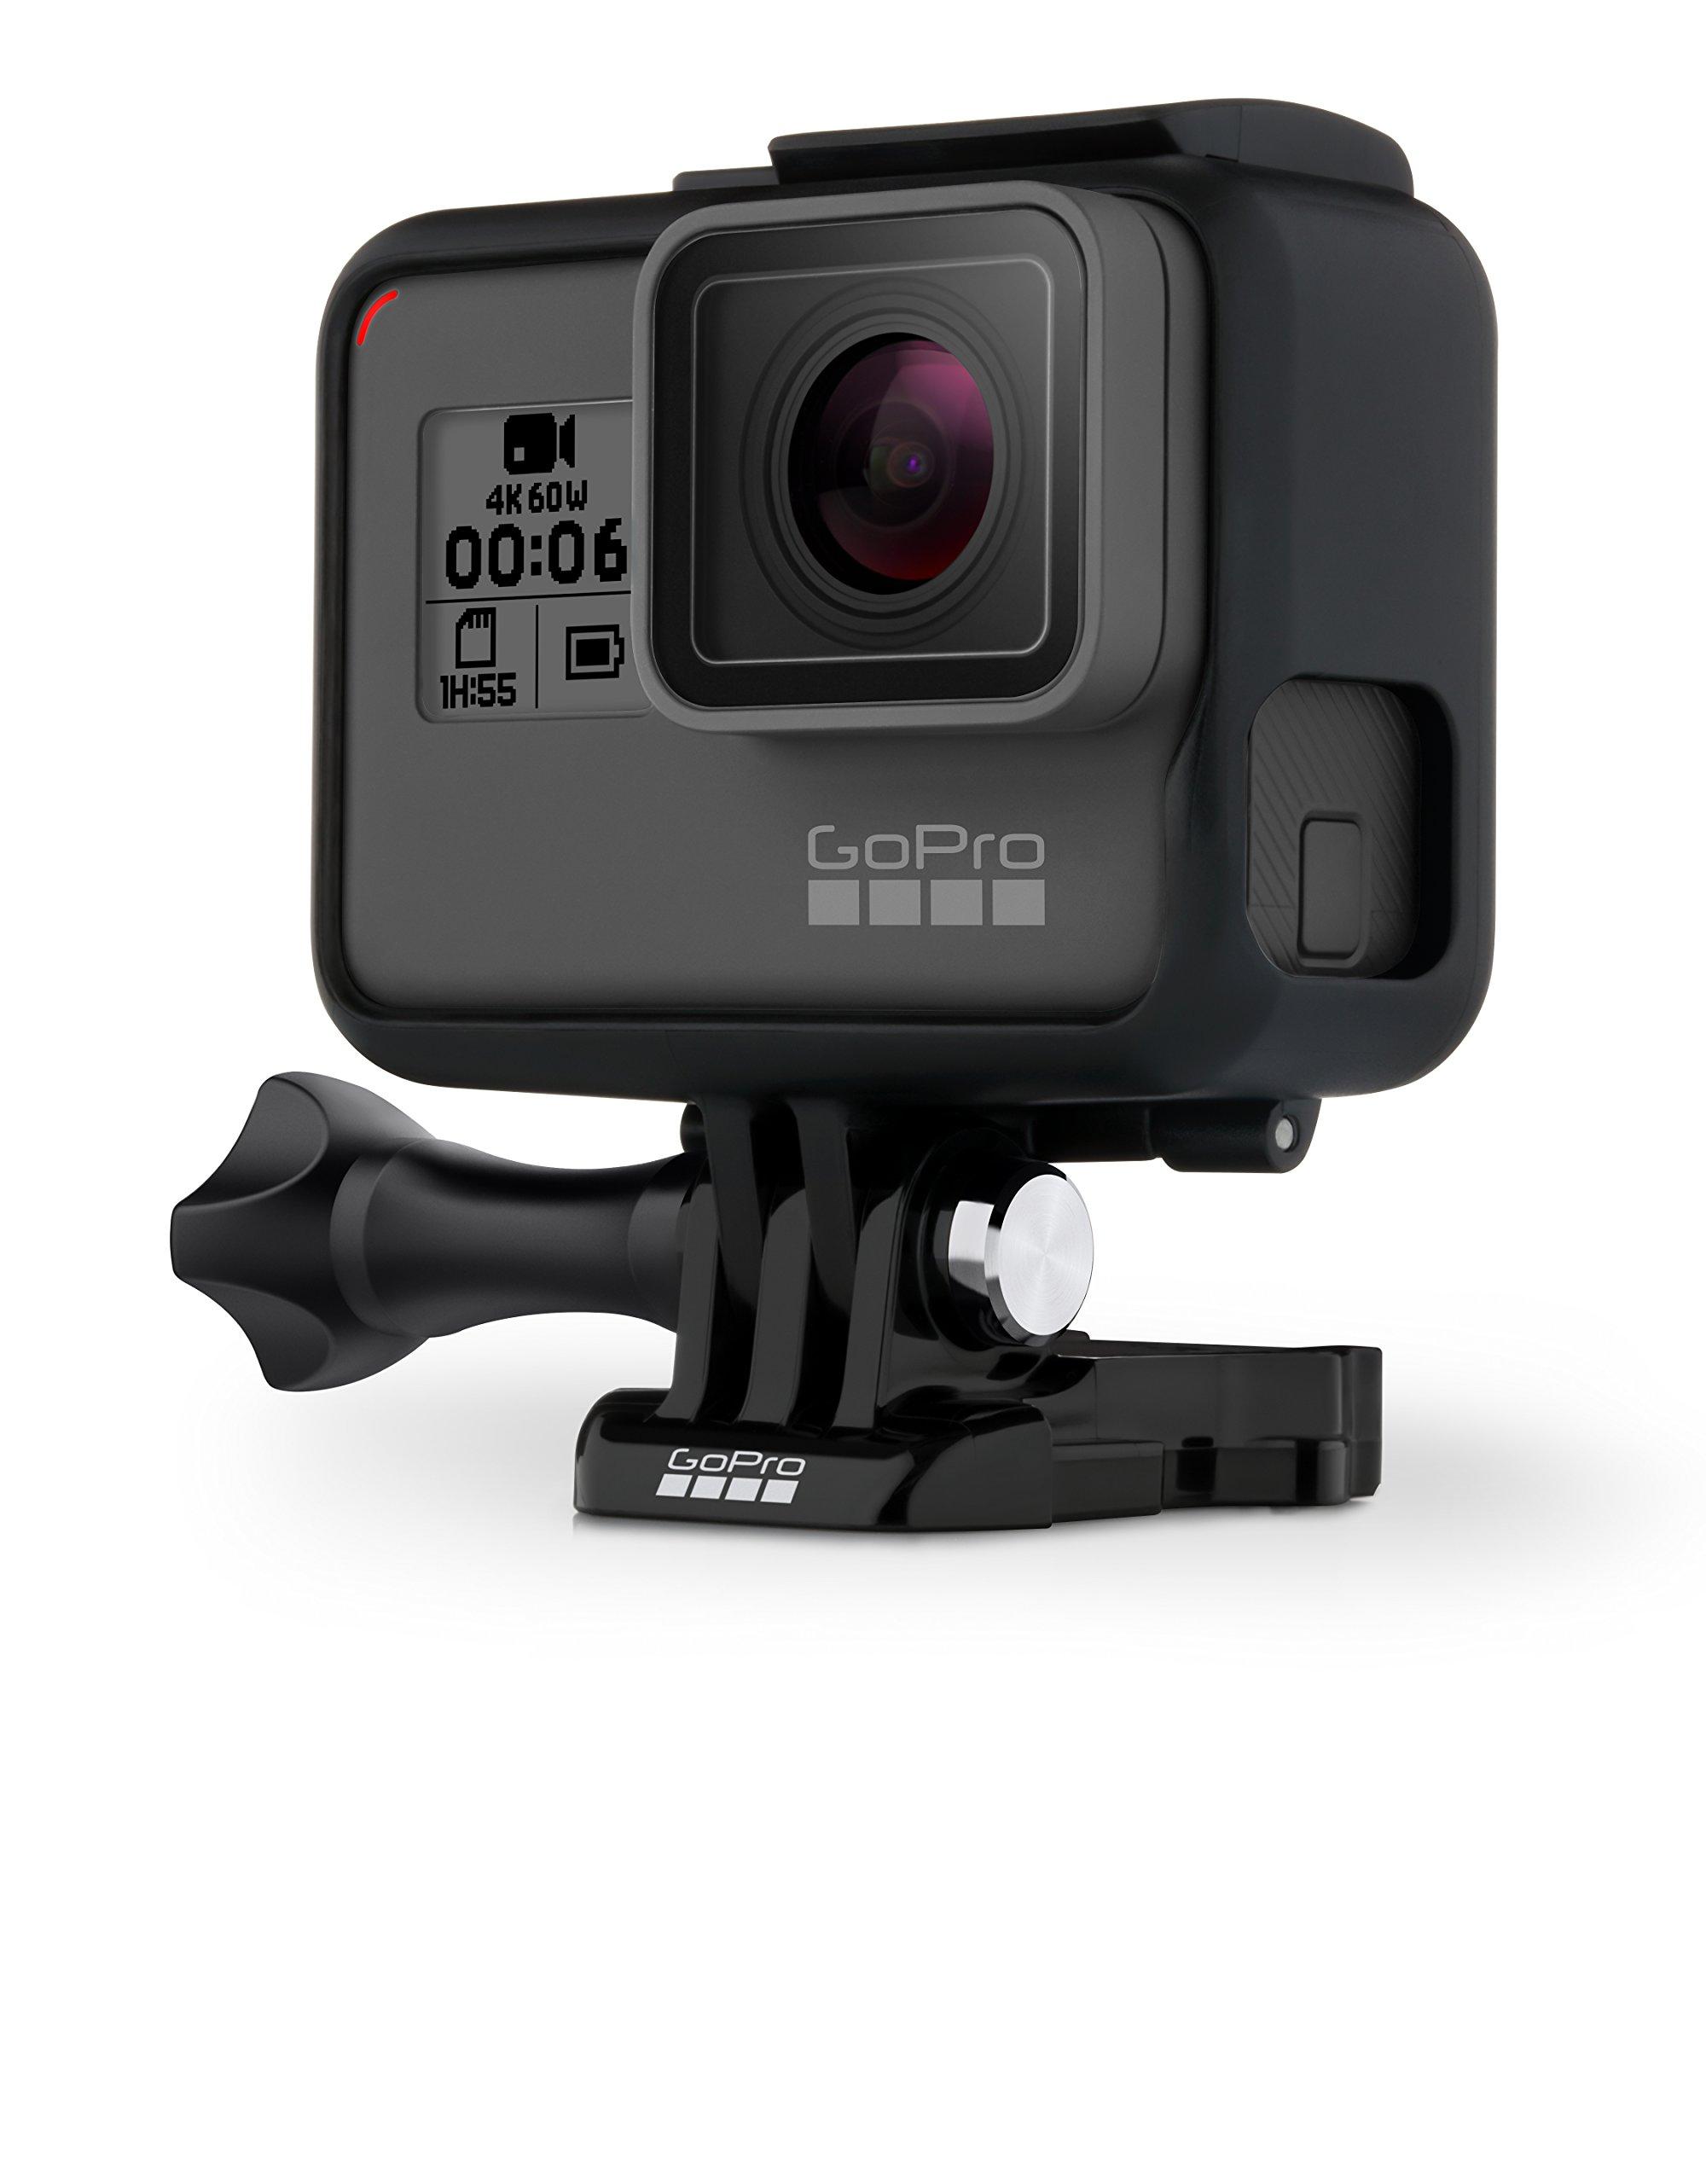 GoPro HERO6 Black by GoPro (Image #4)